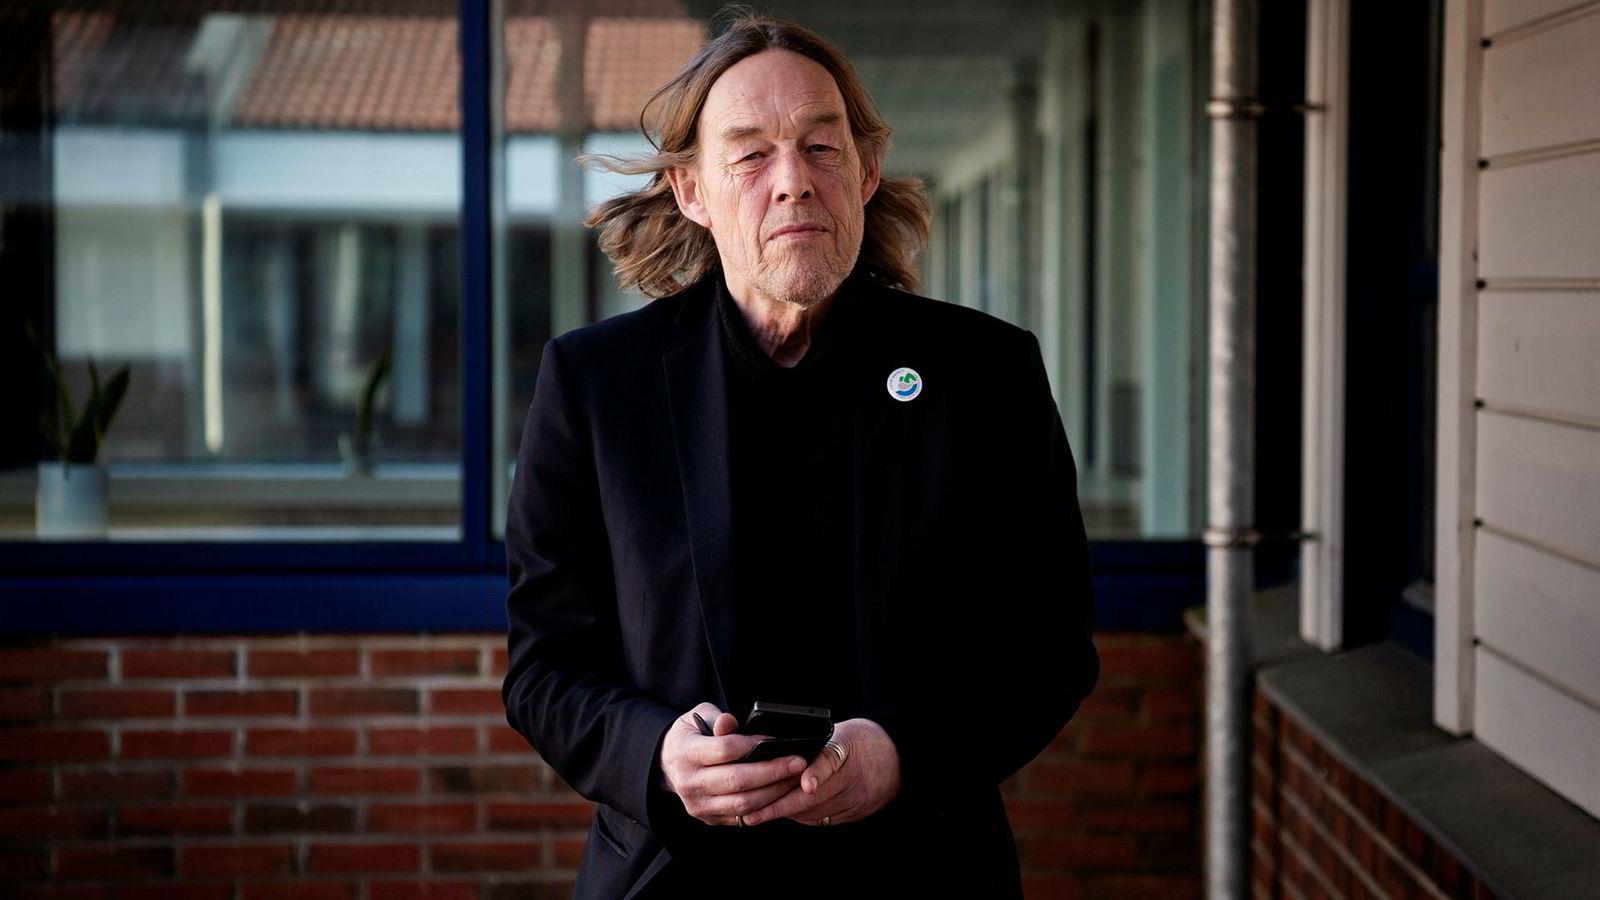 Ukjente bestilte mobilabonnement i navnet til tidligere SV-stortingsrepresentant Hallgeir Langeland. Så bestilte de tjenester hos forbrukslånsbanker.